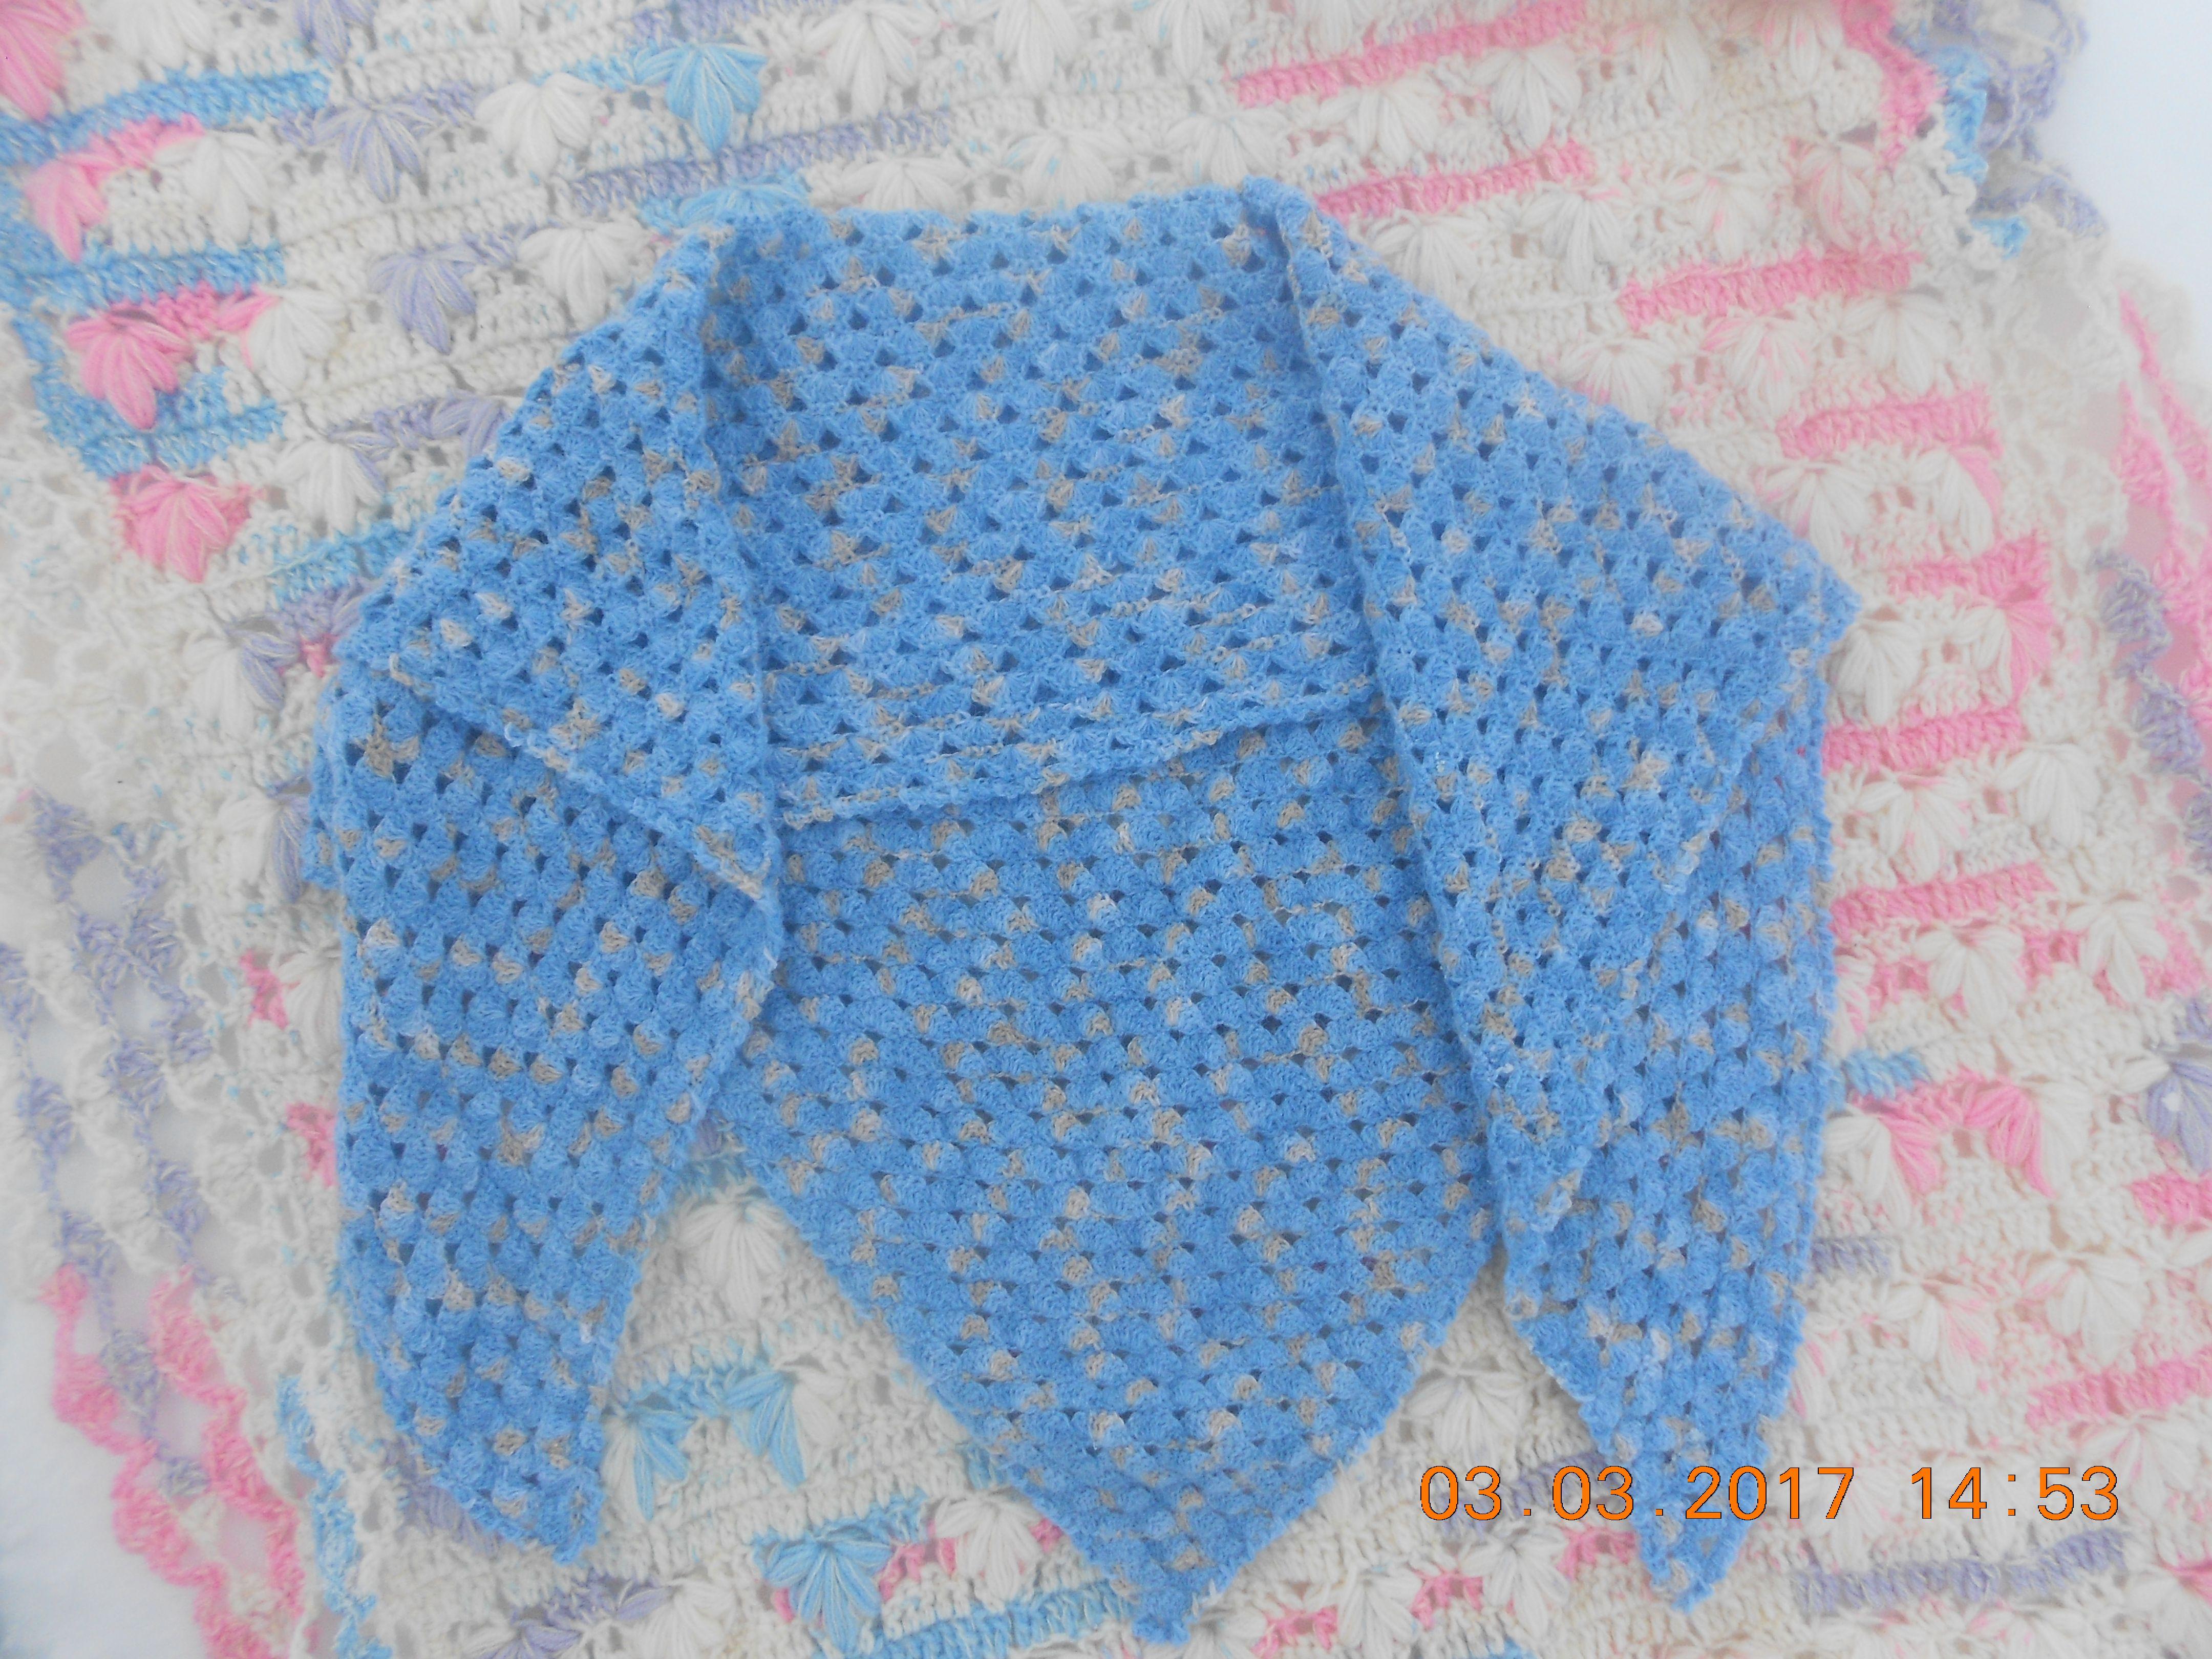 шейтый бакту платк подарок женский голубой одежда шаль